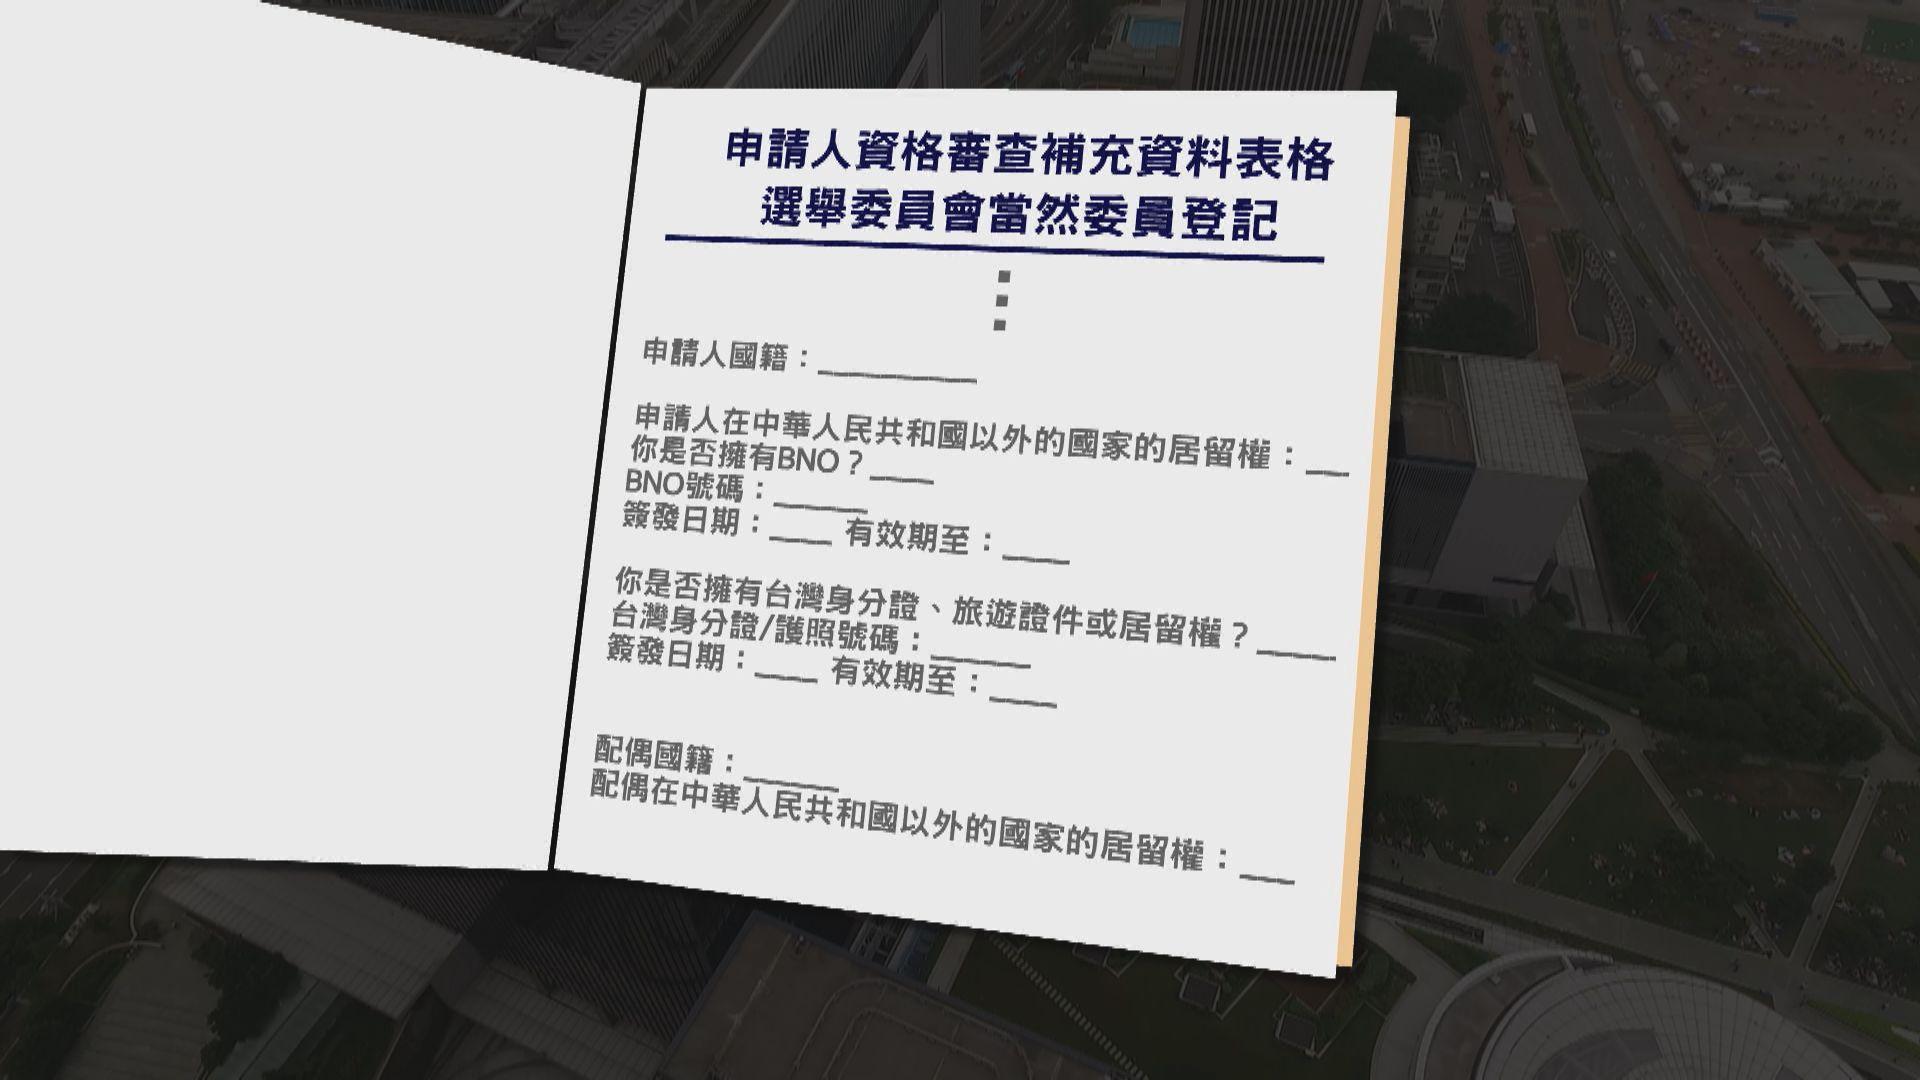 參選選委須申報本人及配偶是否持有BNO、外國或台灣居留權